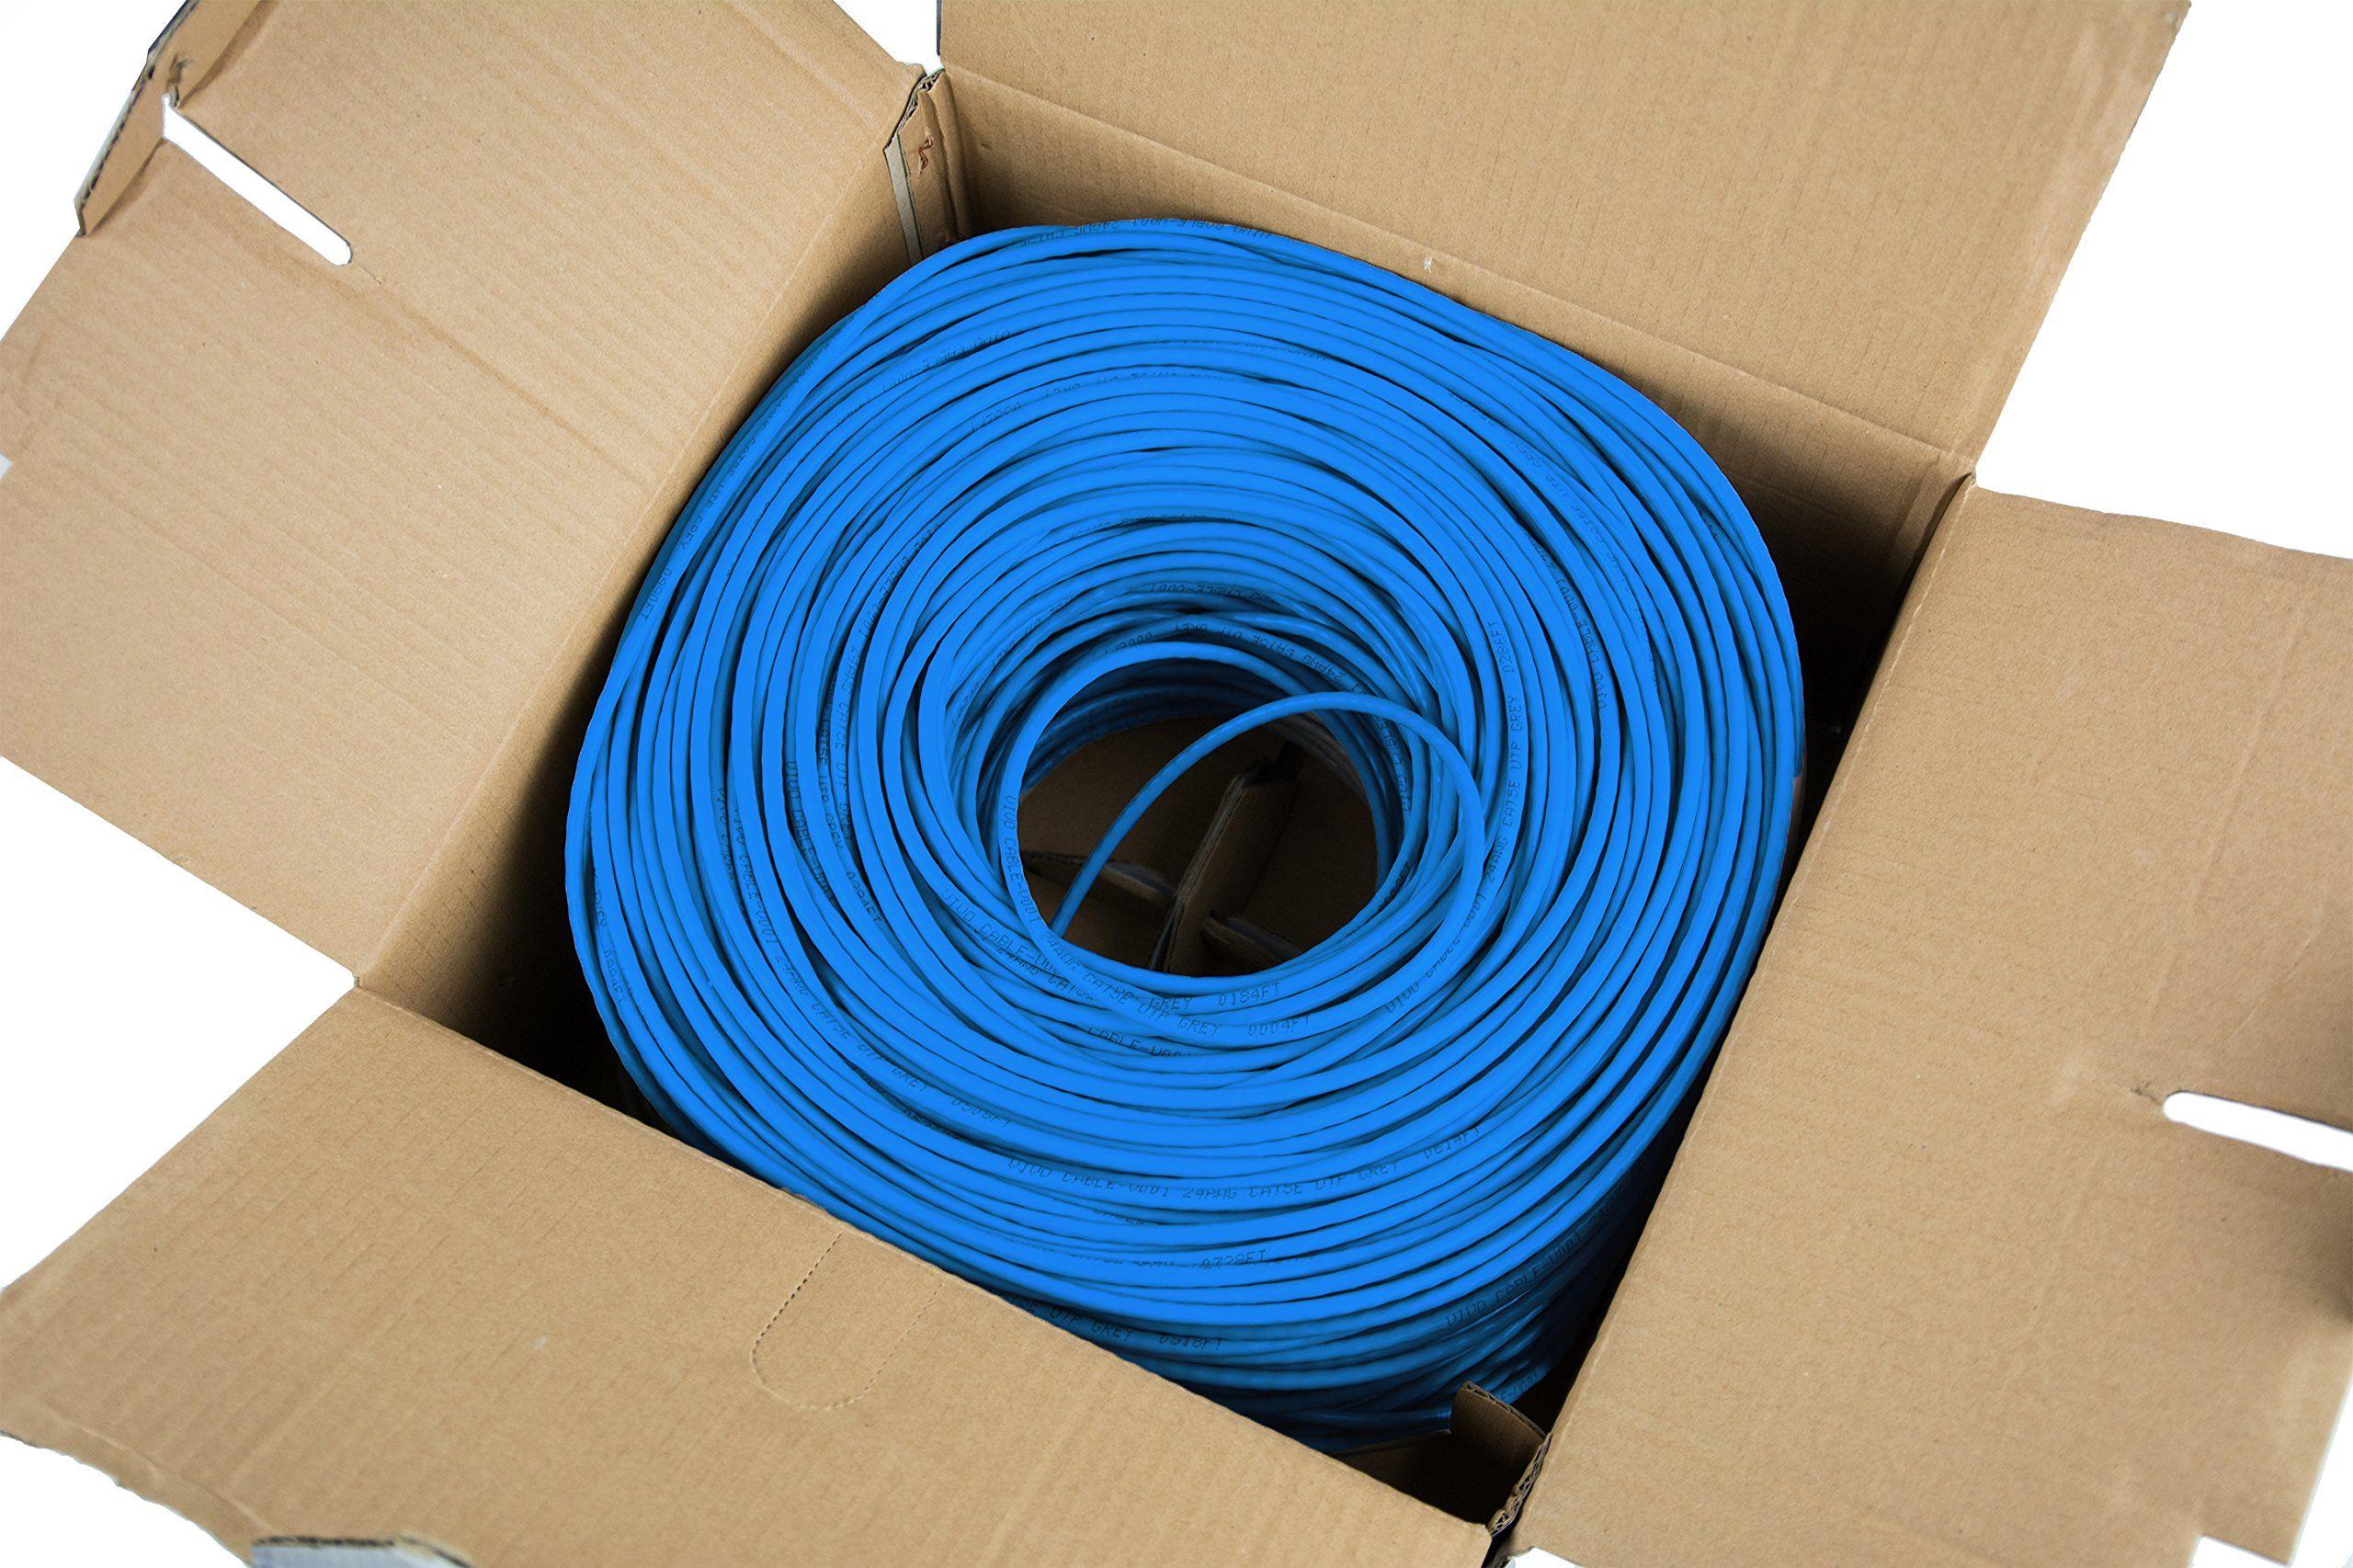 Vivo Blue 1 000 Ft Bulk Cat5e Ethernet Cable Wire Utp Pull Box 1 000ft Cat 5e Style Cable V001b Cat5e Bulk Cable Ethernet Cable Cable Wall Decor Quotes